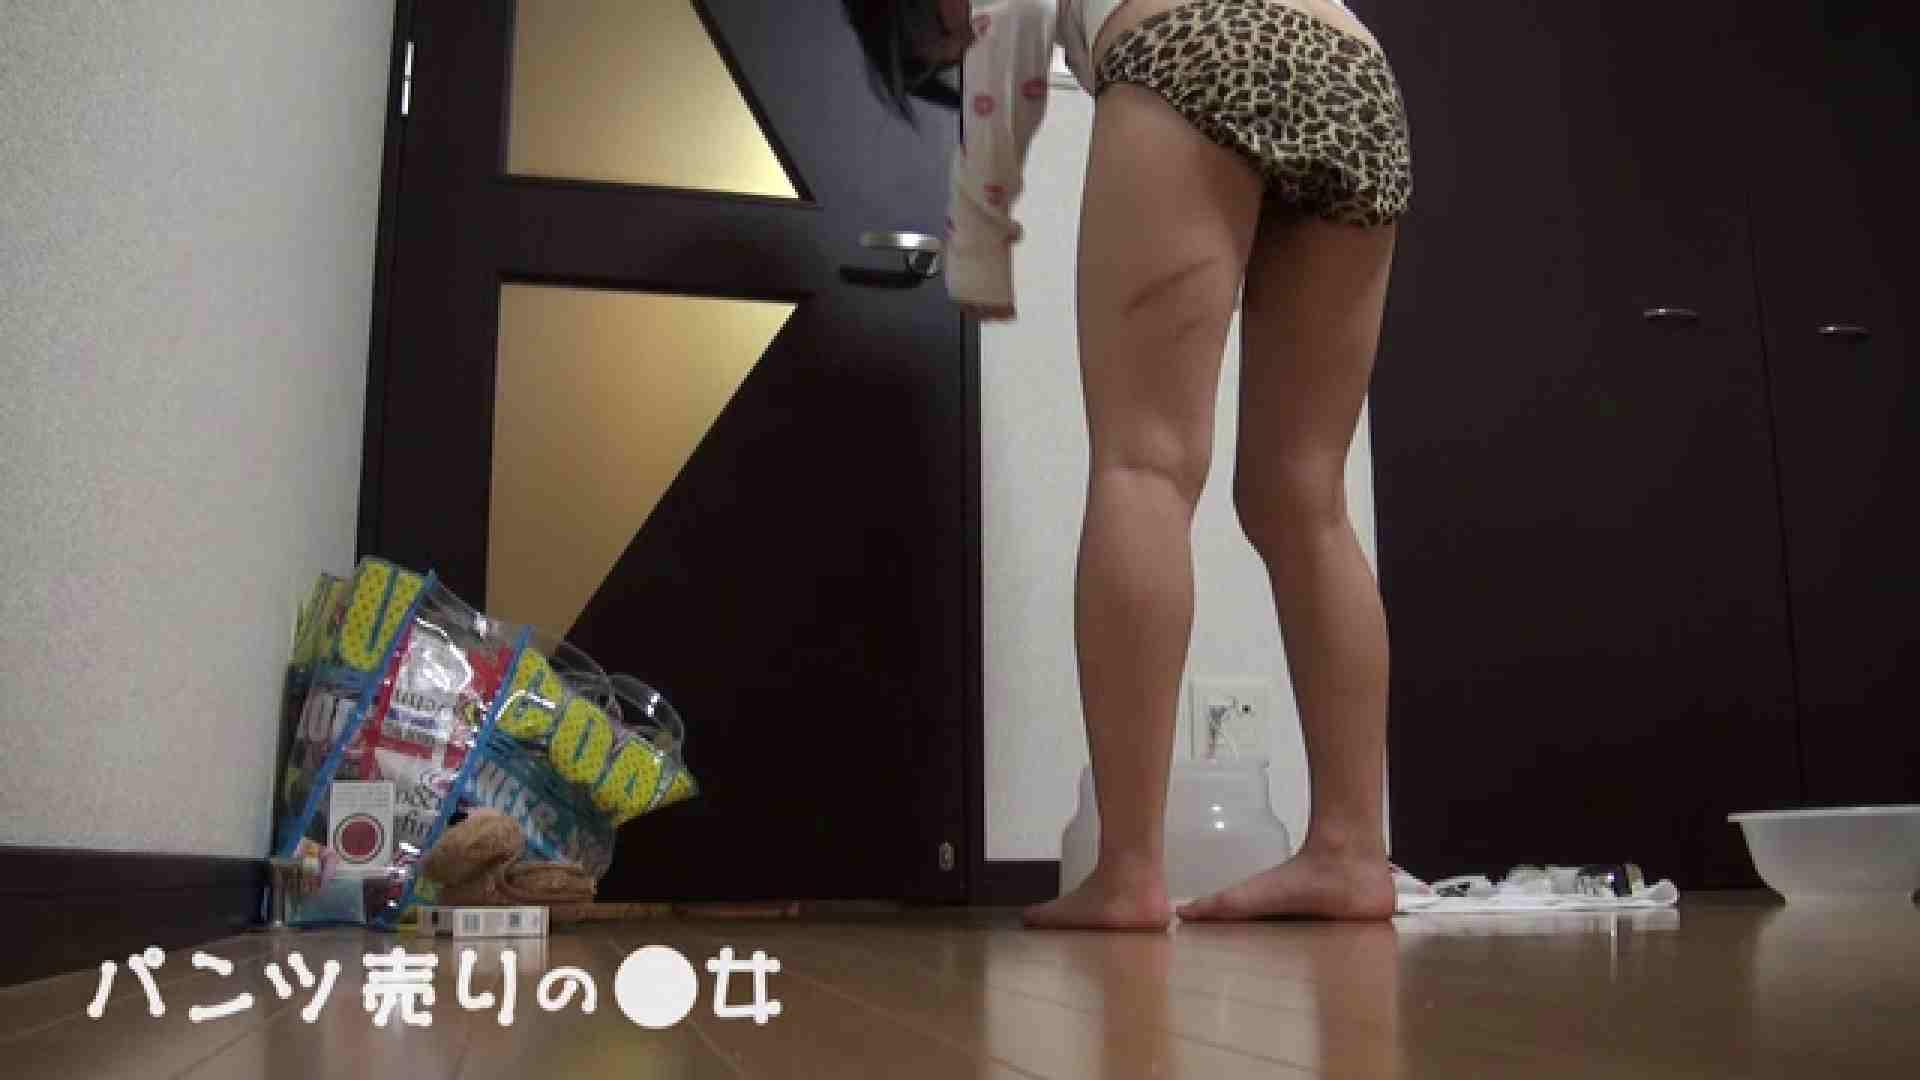 新説 パンツ売りの女の子nana パンツ  36連発 30